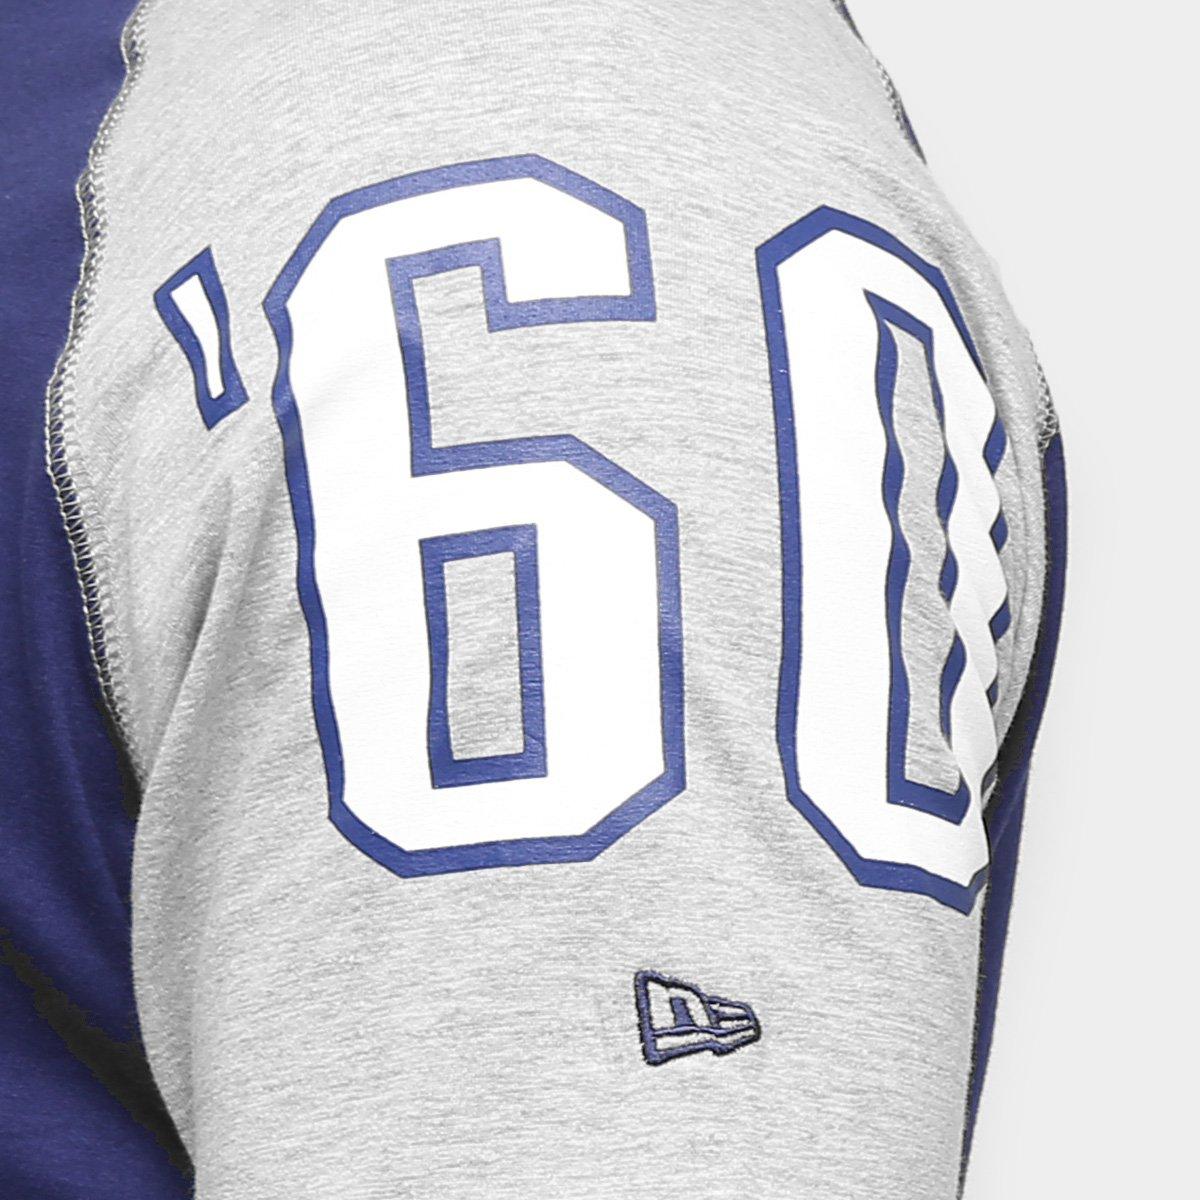 Camiseta New Era NFL Raglan Rec New England Patriots - Compre Agora ... d3e7ba750d1